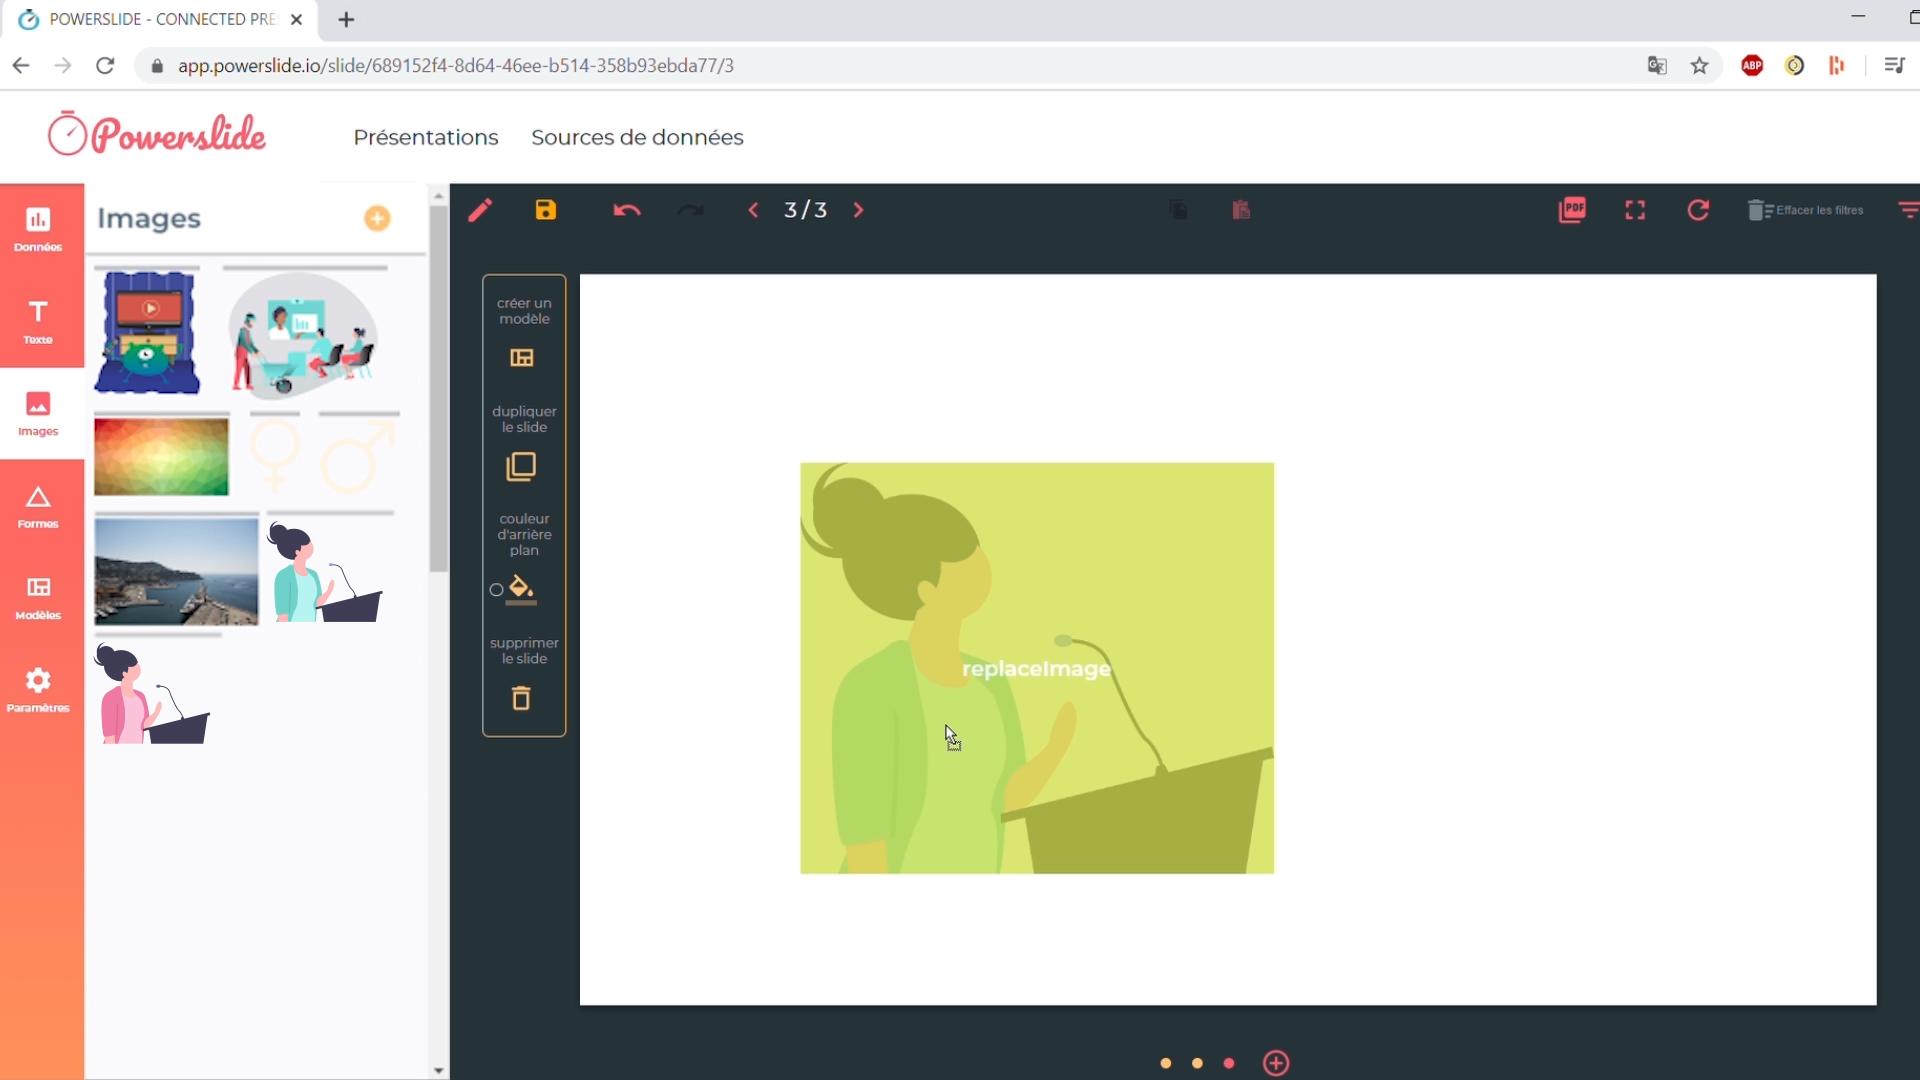 image dans une présentation interactive Powerslide